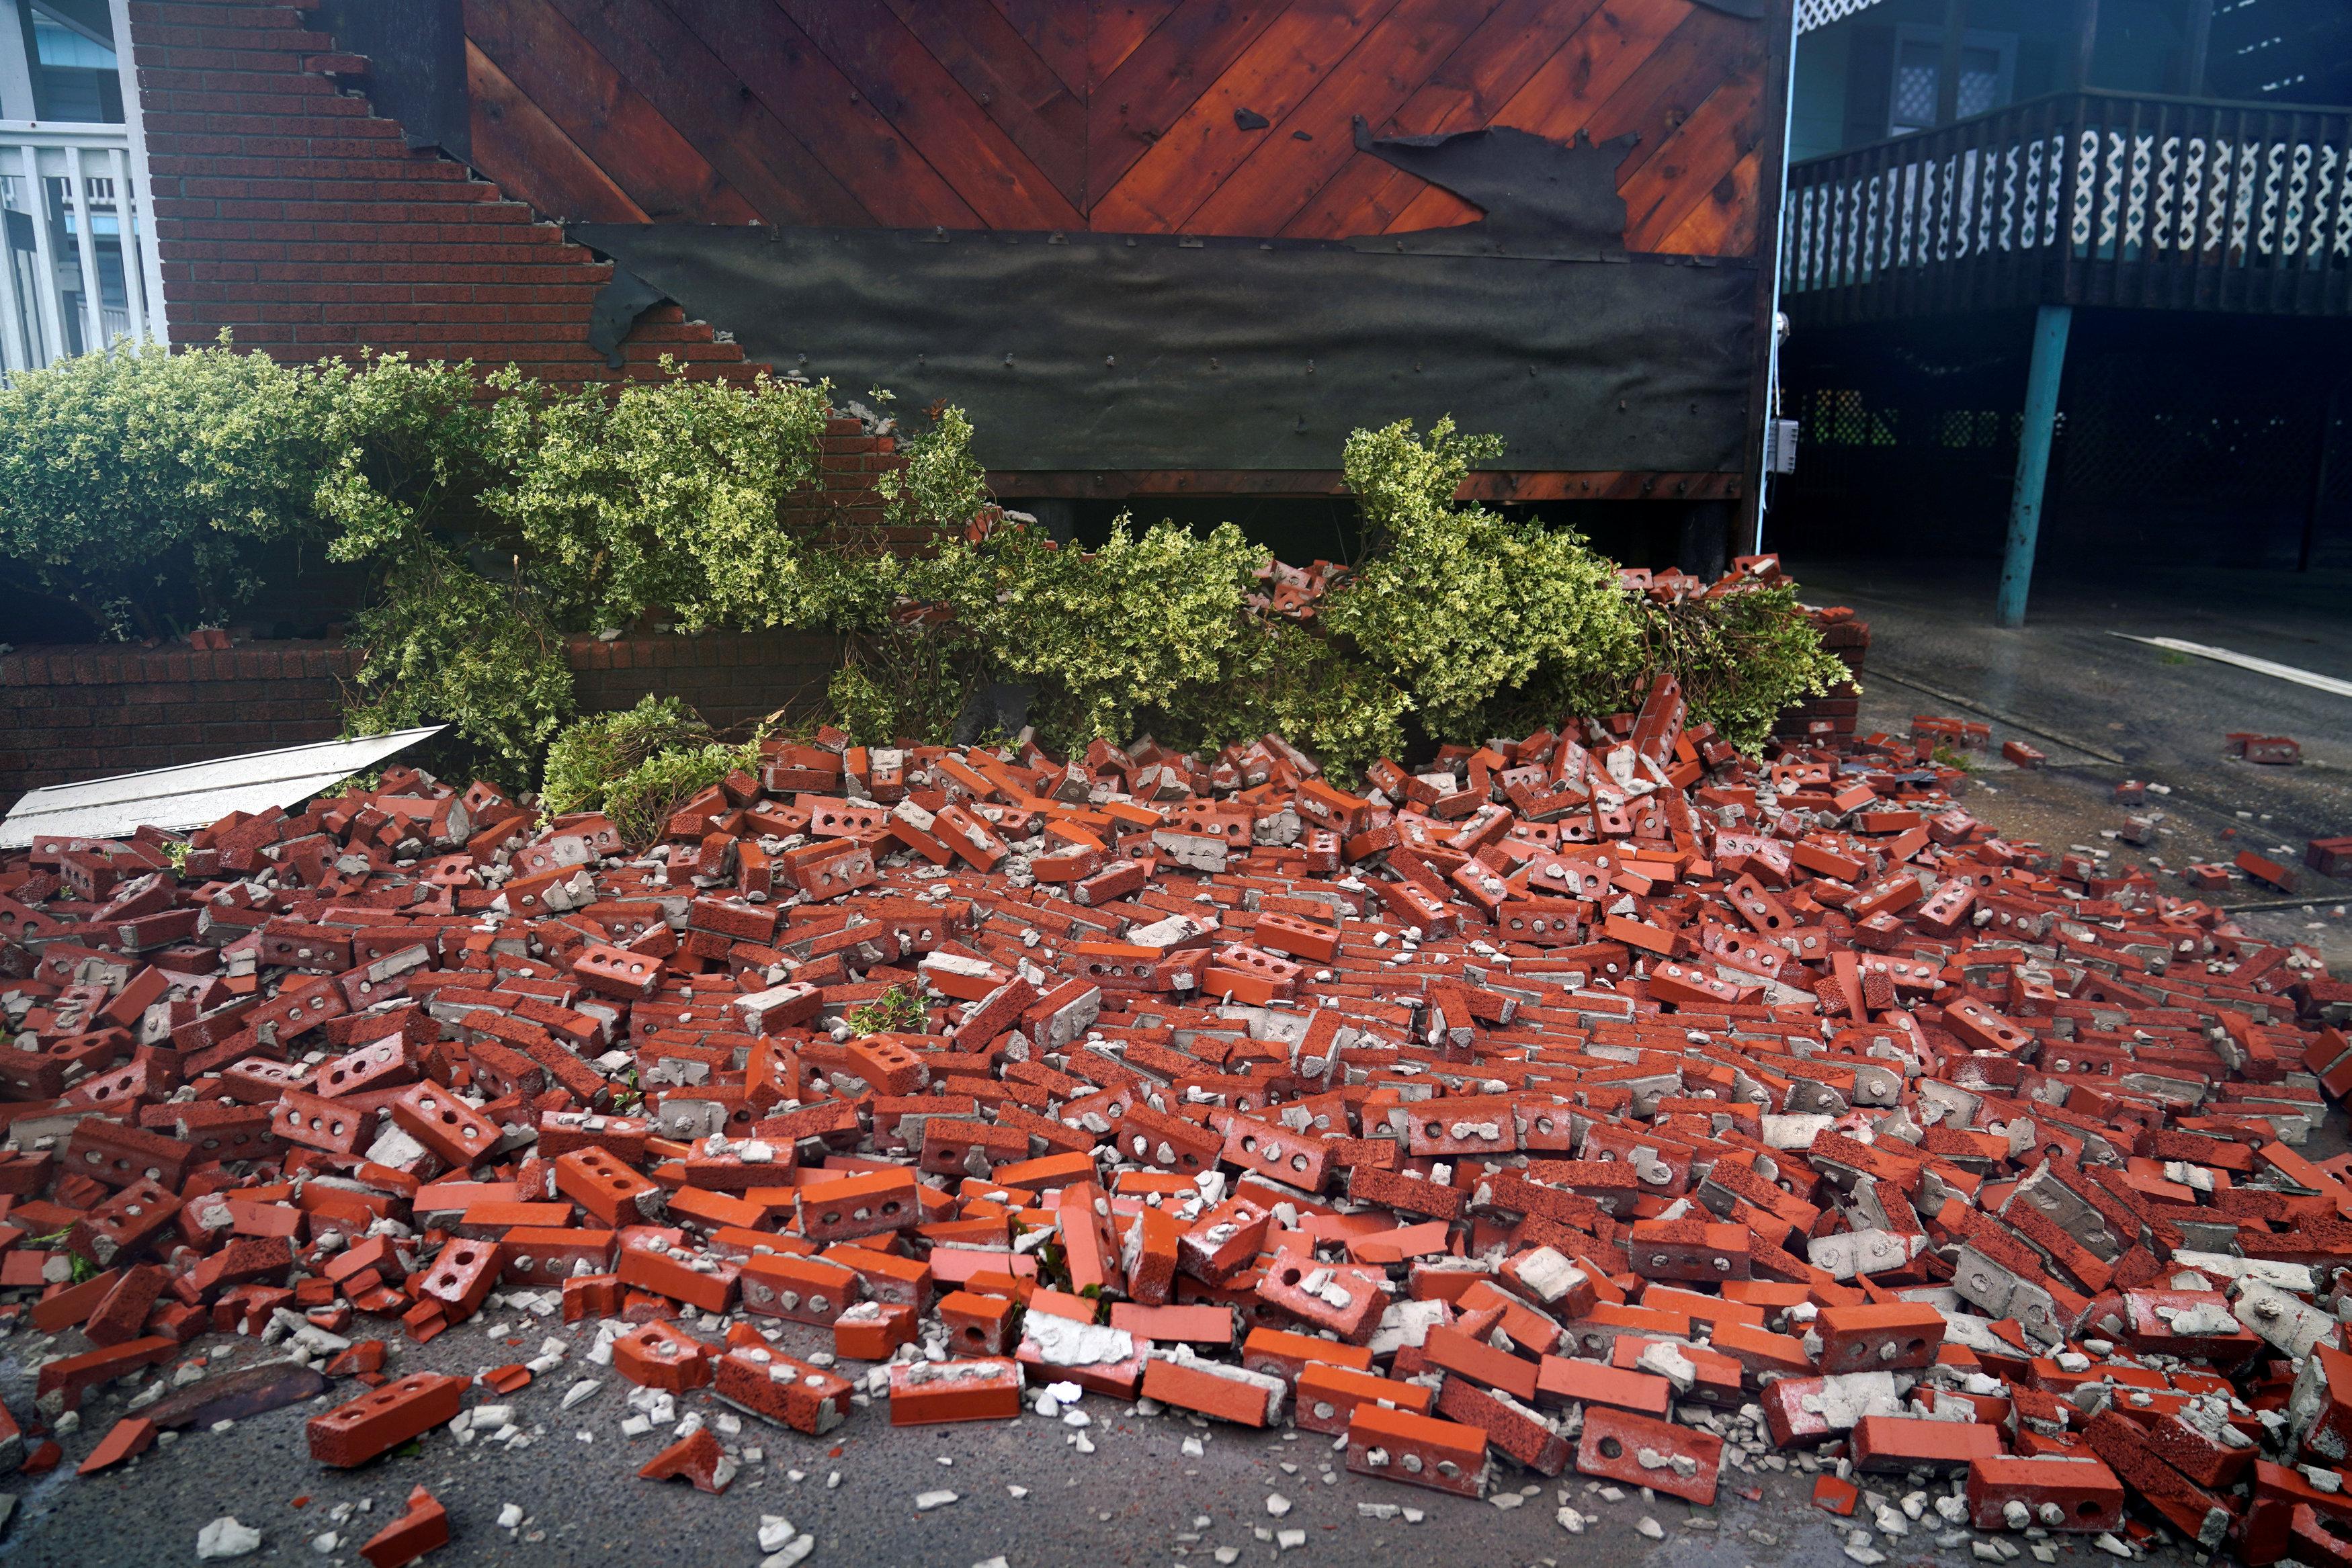 أثار الدماء التى تسبب فيها الاعصار فلورنس